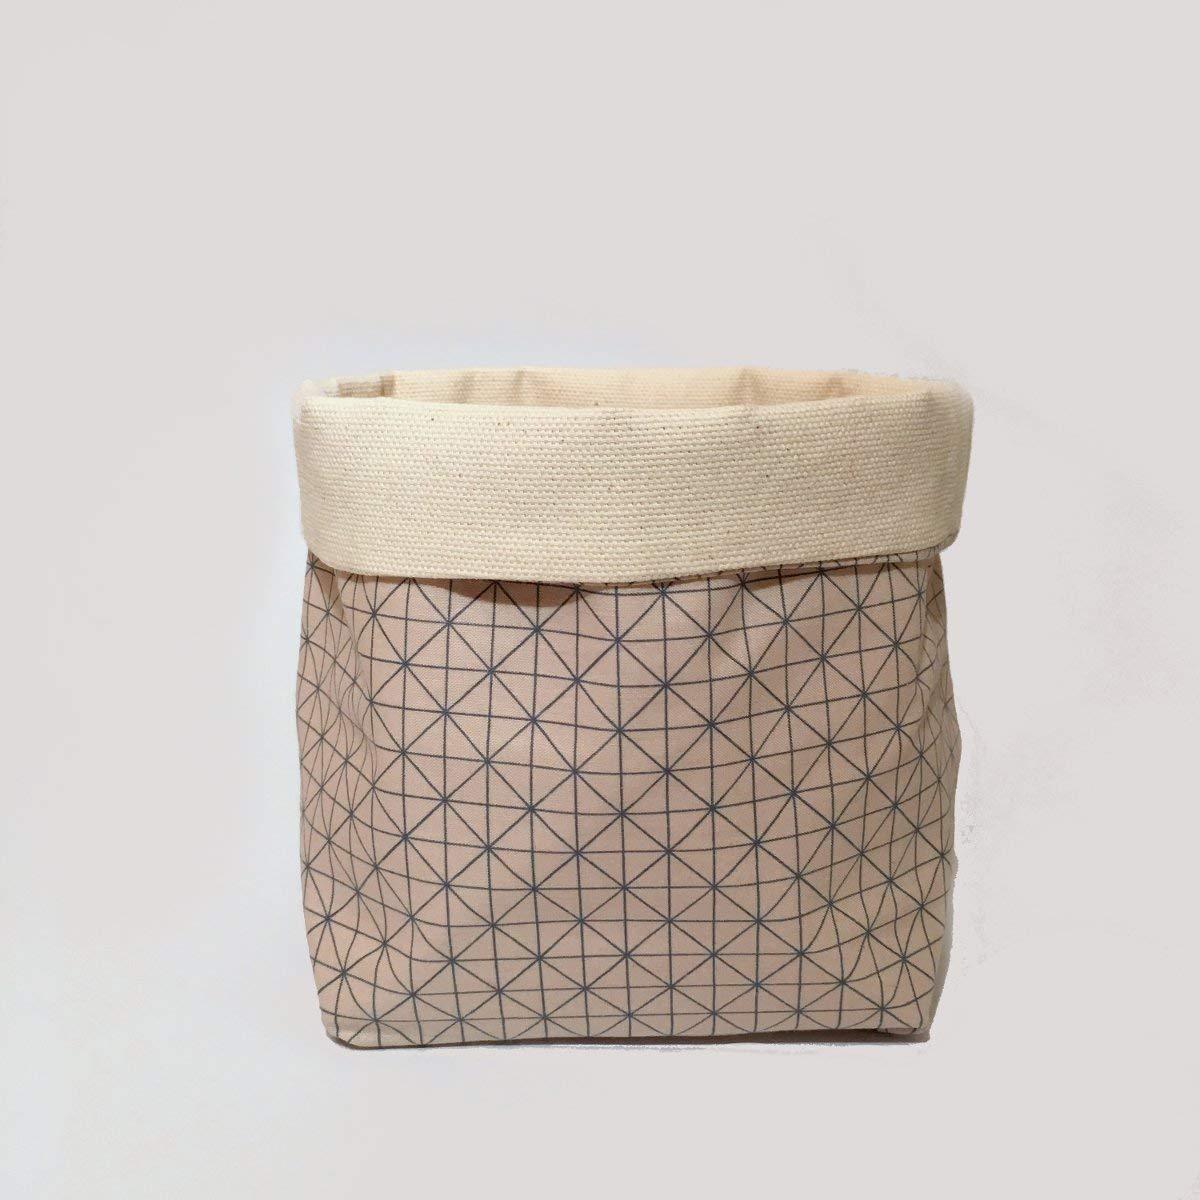 Utensilo Weiß L I Stoff-Körbchen Organizer - Handmade von Nuu Berlin I Aufbewahrungs-Box Für Bad, Schlaf- Und Kinder-Zimmer I 12x12x18 cm